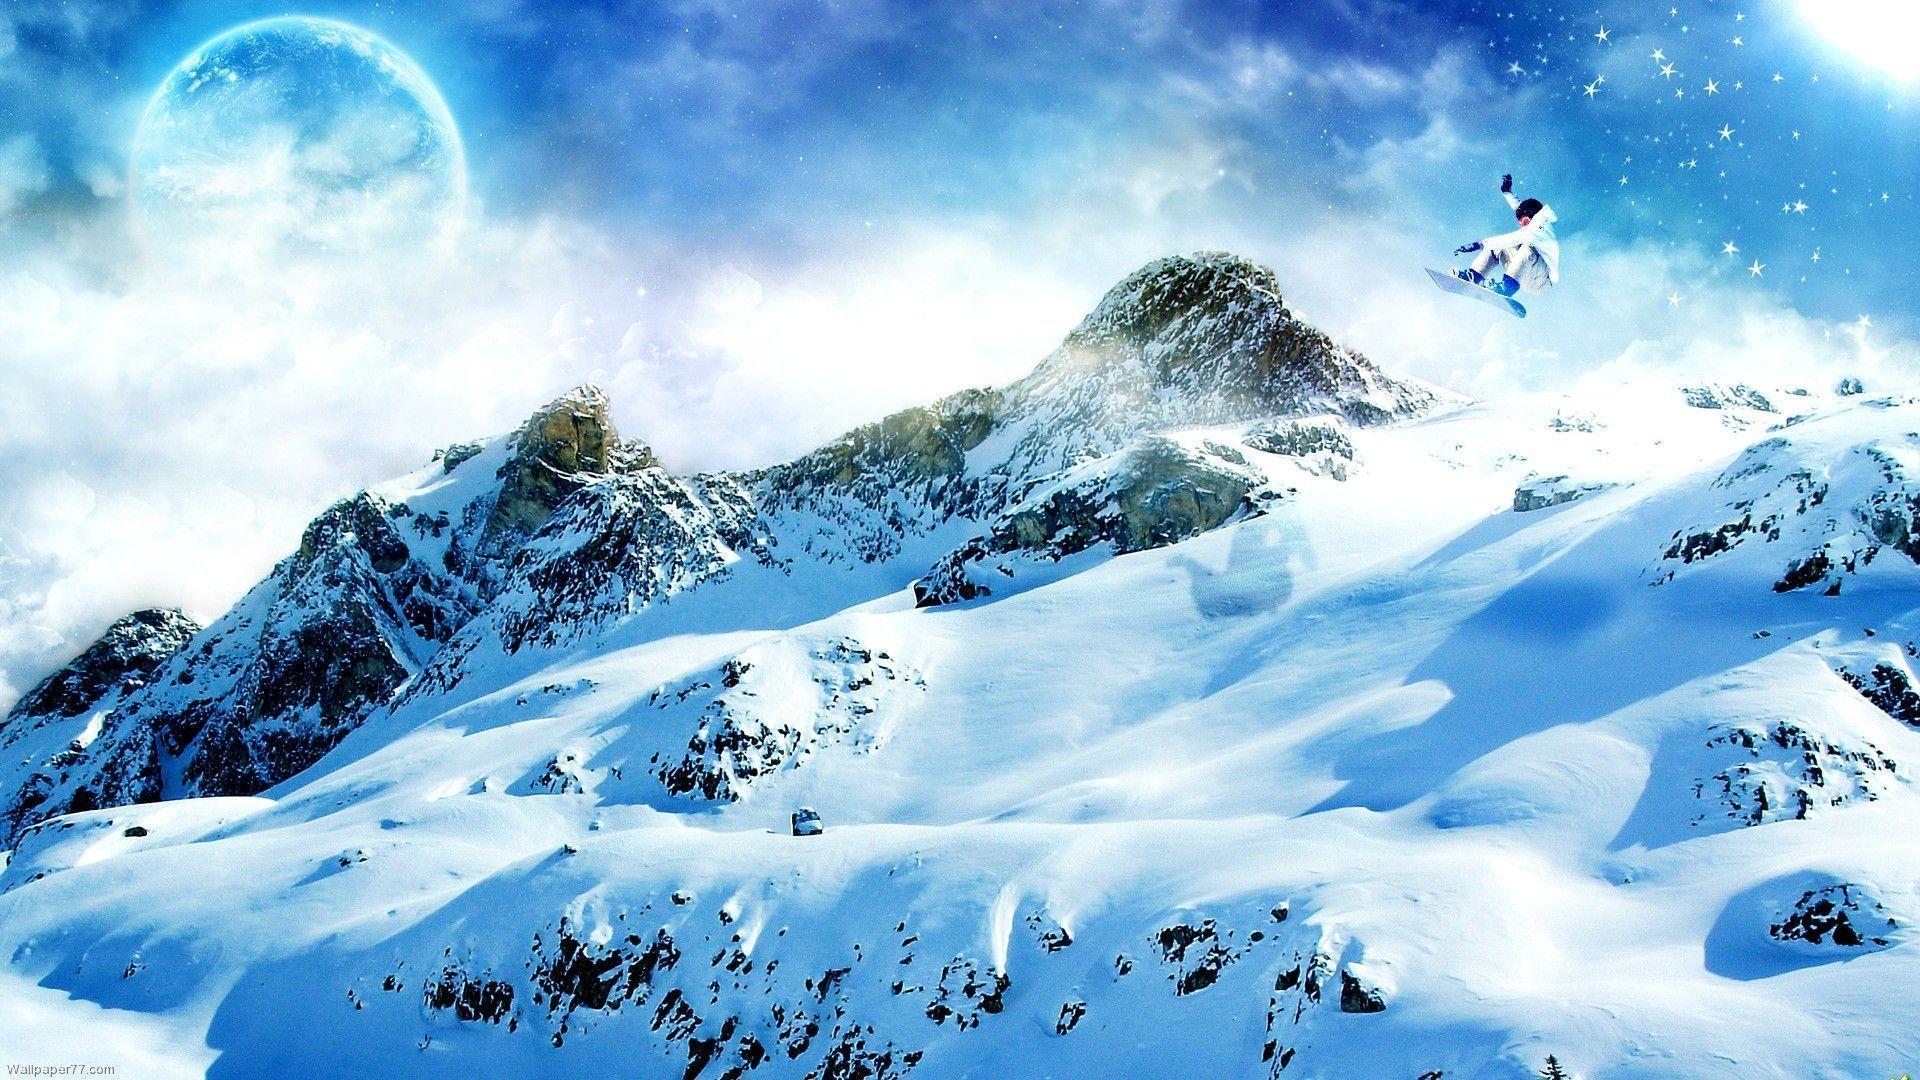 Snowboard Wallpaper HD